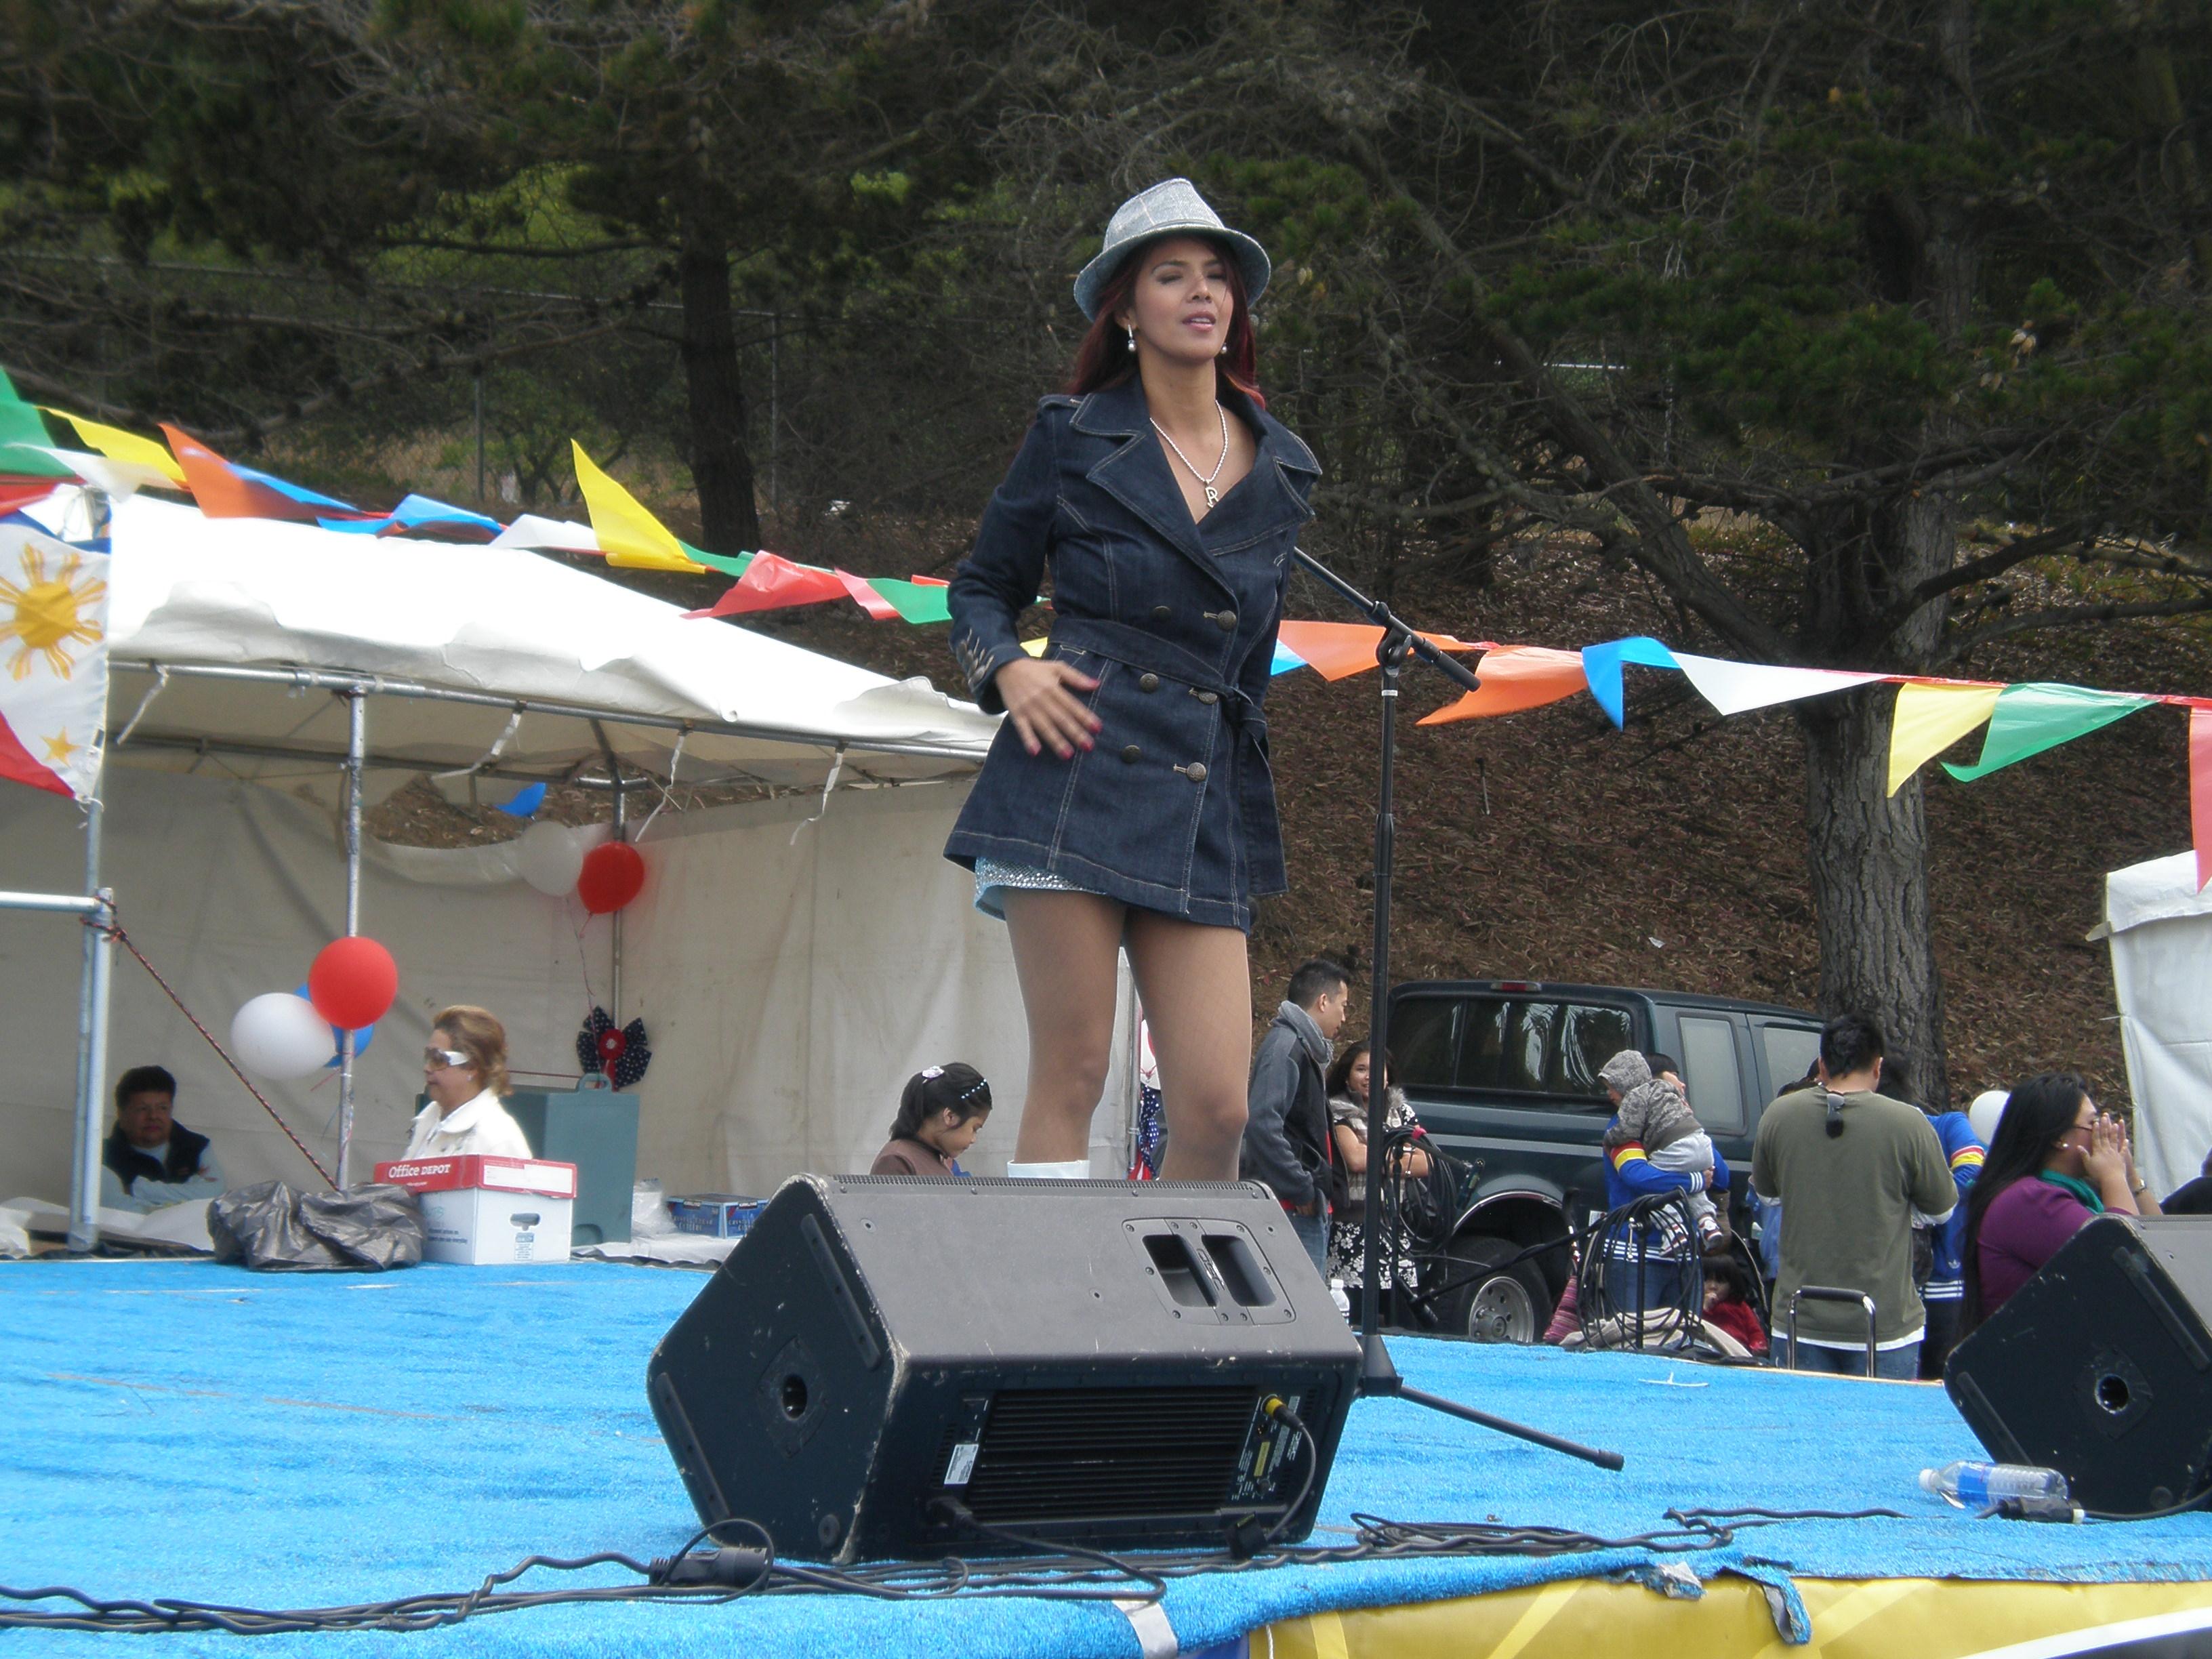 Patricia Javier (b. ?)